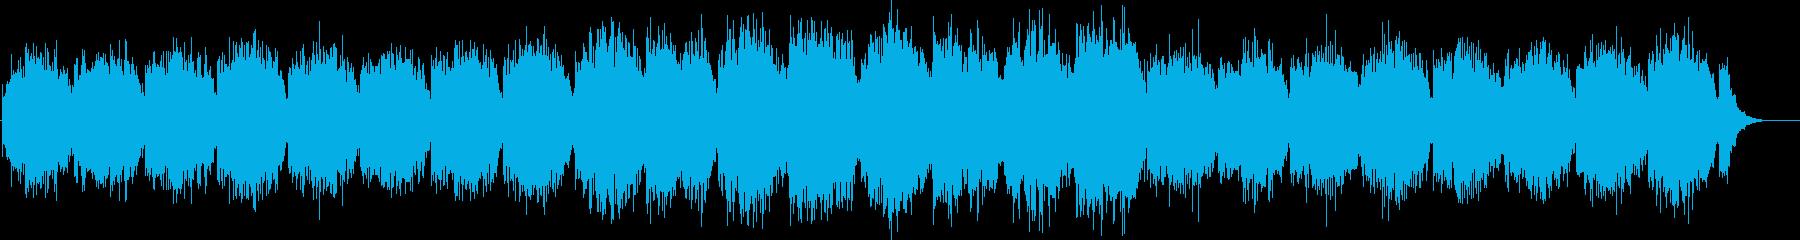 アンビエント 新世紀実験 感情的 ...の再生済みの波形